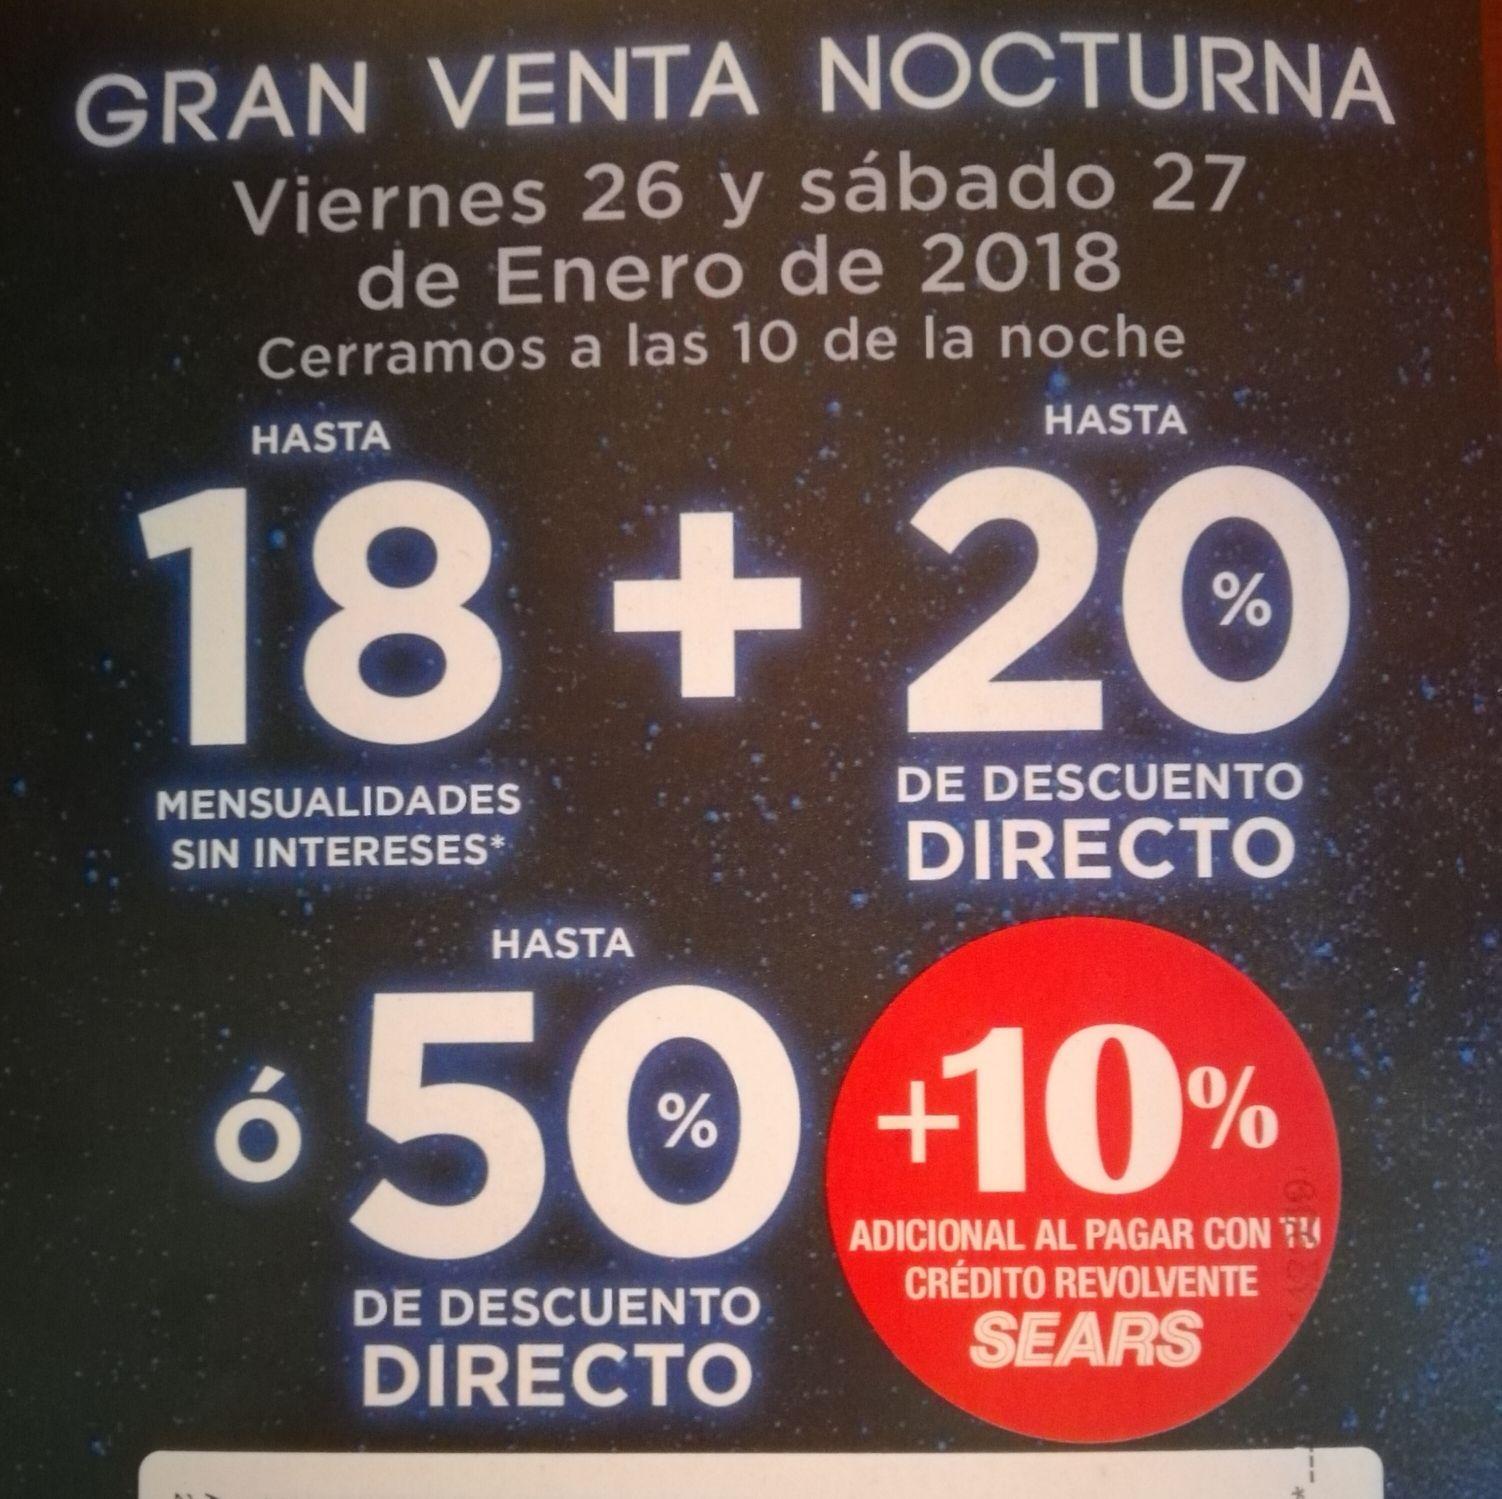 Sears: Venta nocturna  26 y 27 de enero del 2018